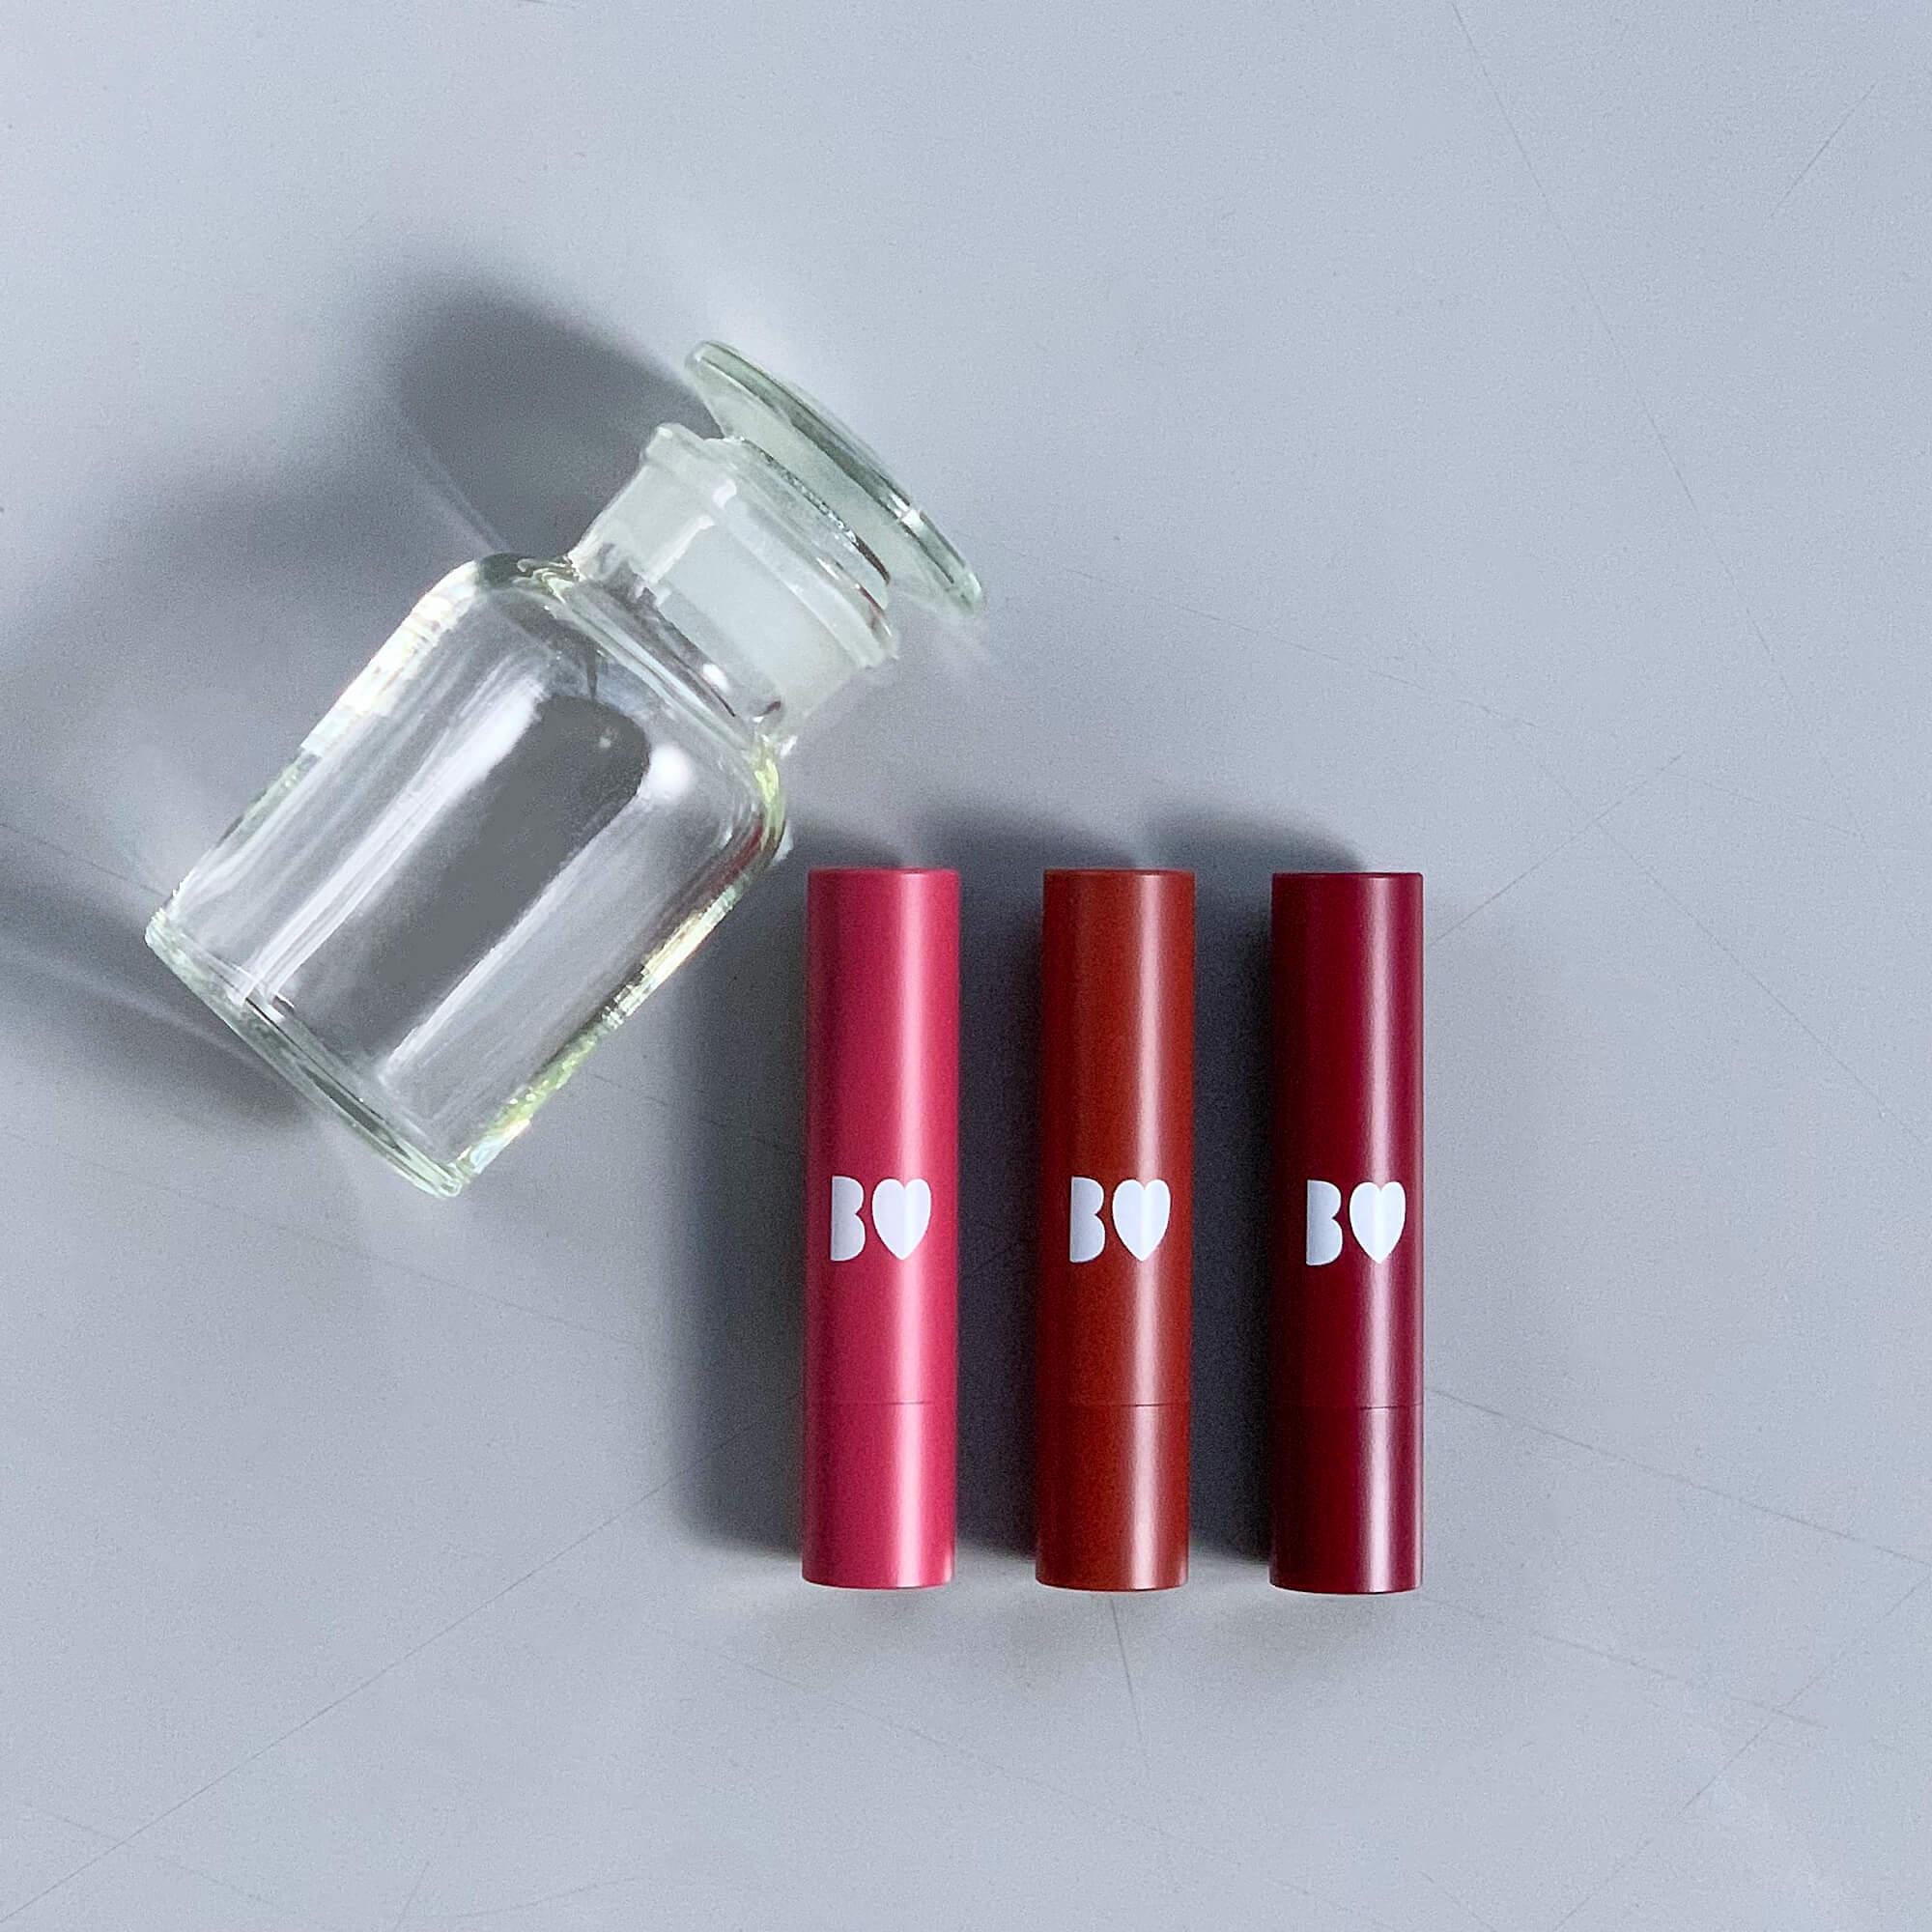 つやぷるリップ 05 やきもちPINK / 06 きまぐれBROWN / 07束縛RED 各¥1400(税抜) ※11月4日発売